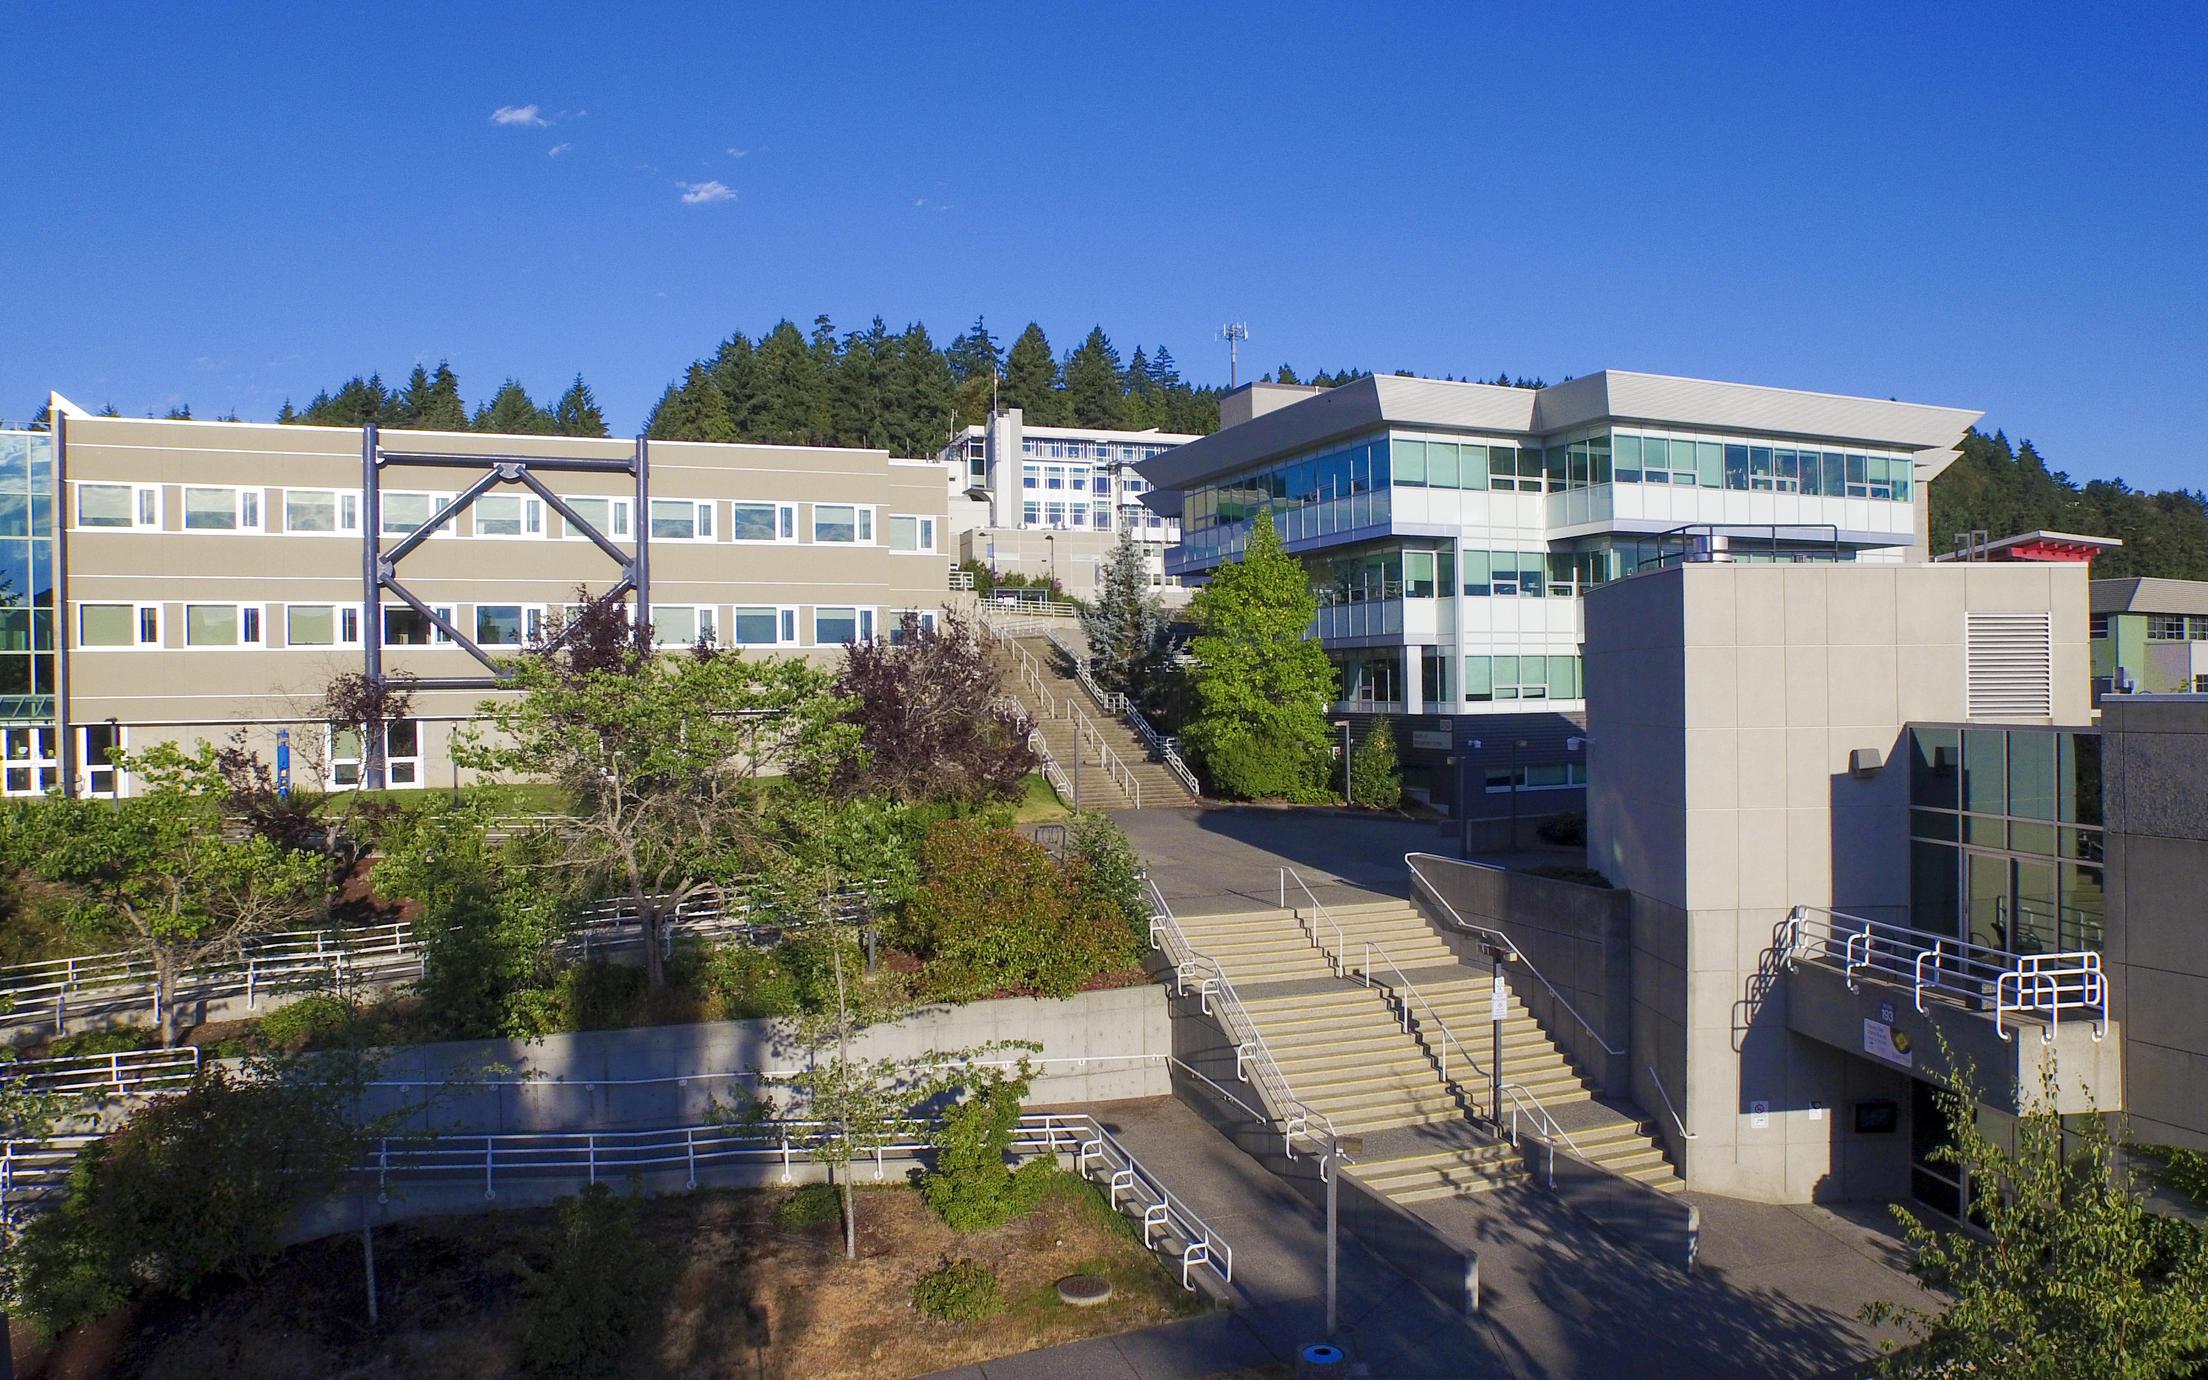 Aerial shot of the VIU campus